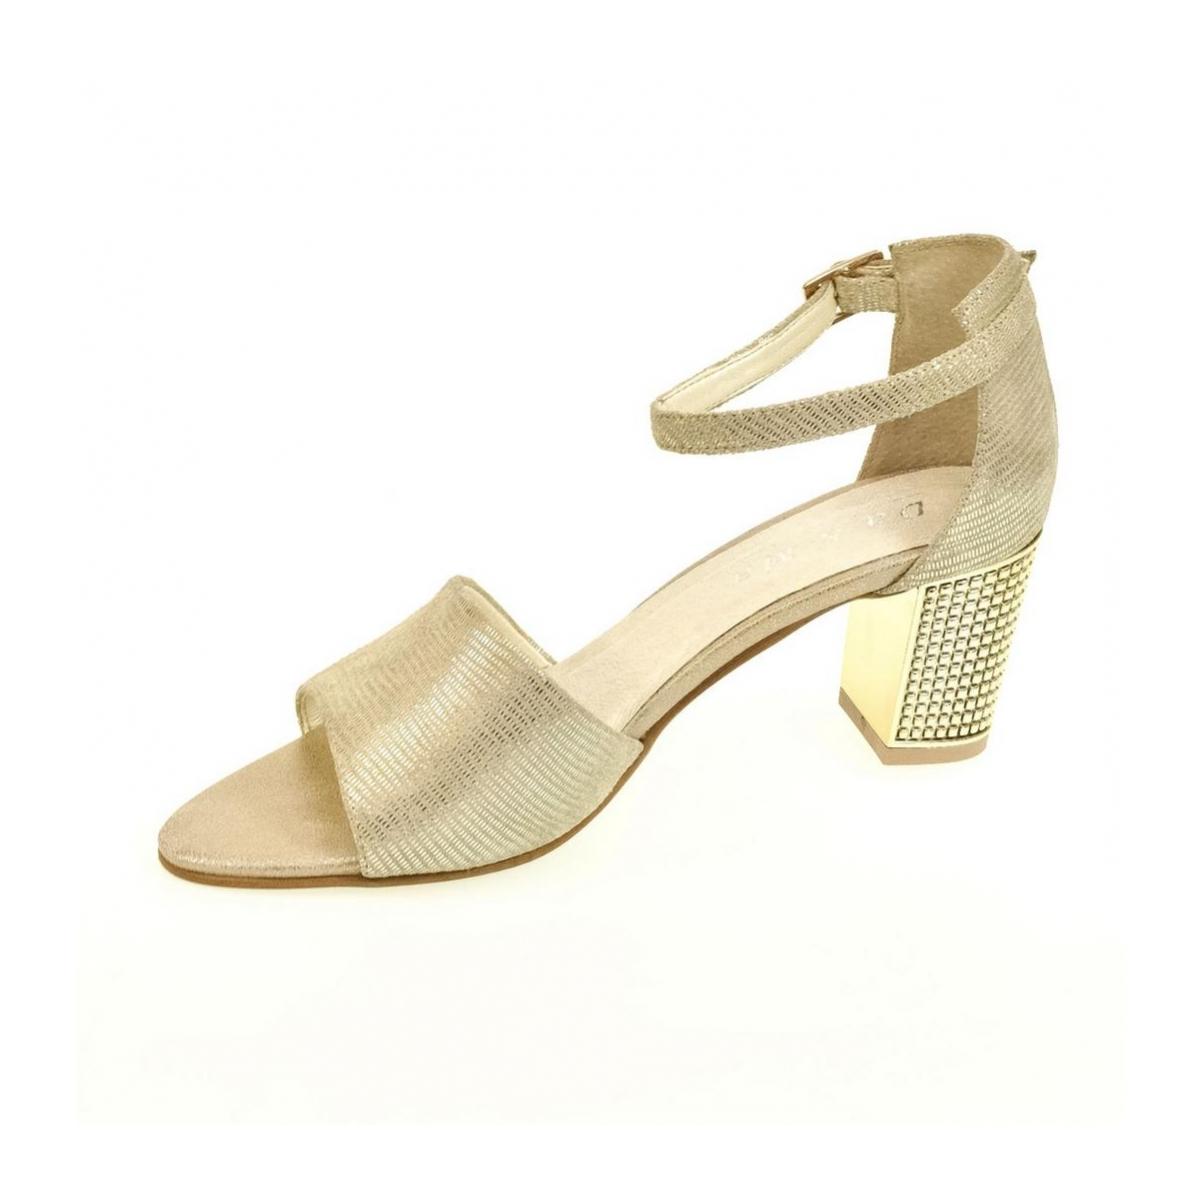 3c2a3fdae4b4 Dámske zlaté sandále ENNA - 5